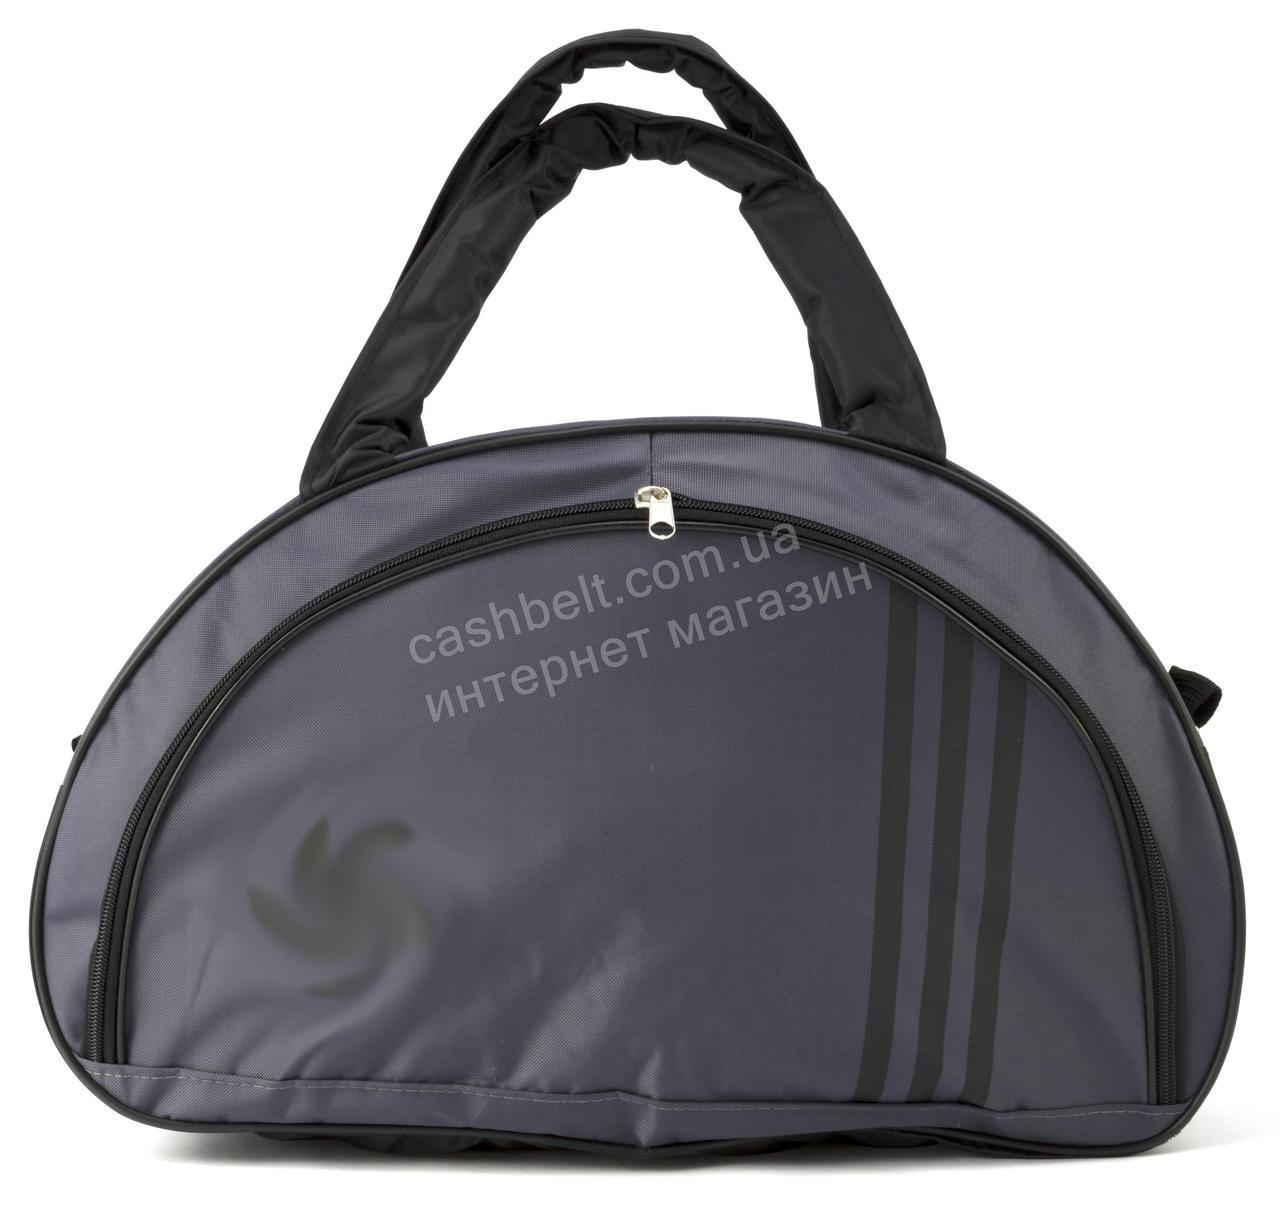 Спортивная женская средняя тканевая сумка art. 139 Украина (102637) серая